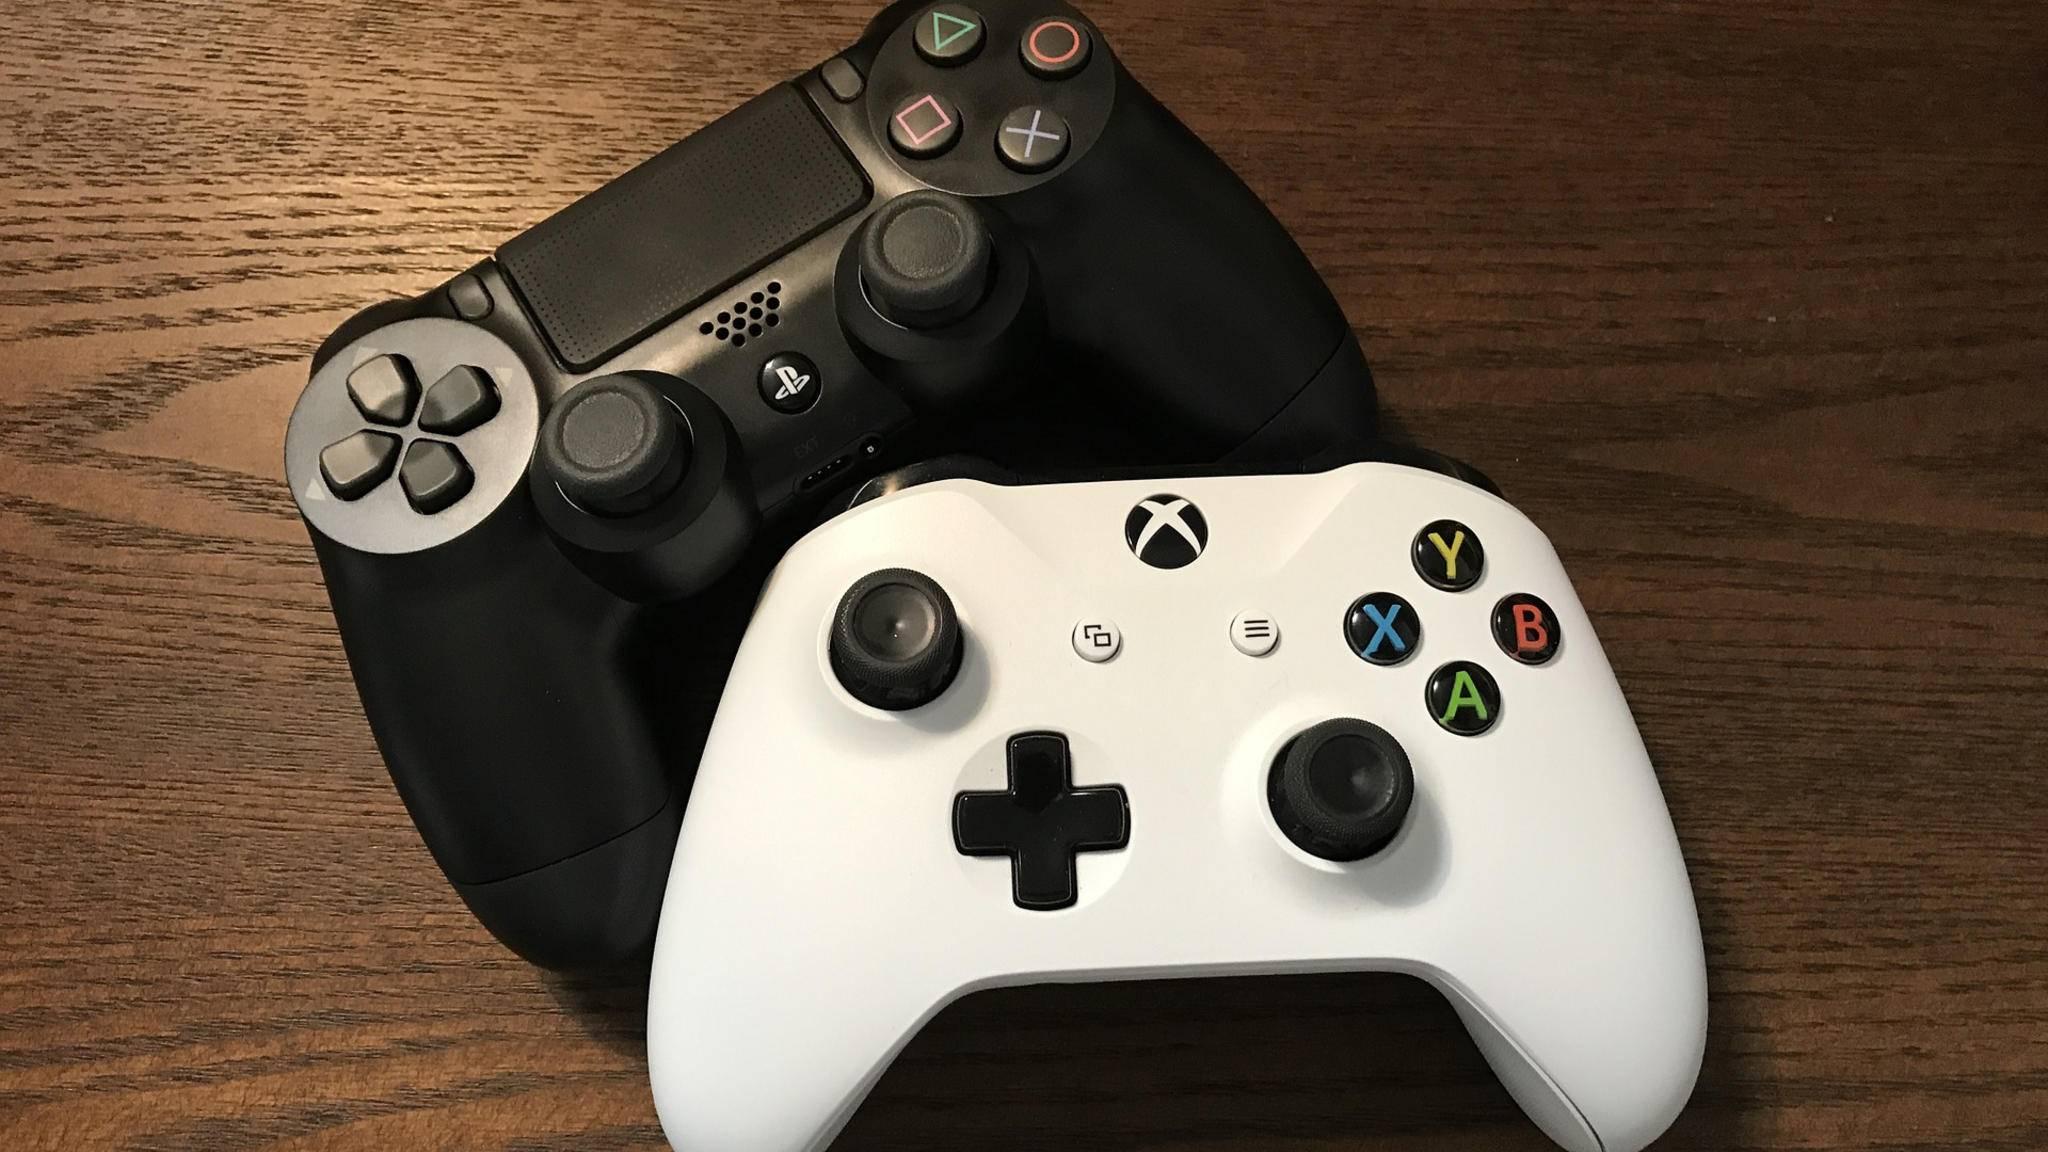 Sowohl Xbox One als auch PS4 versprechen ihren Spielern gern exklusive Games und Inhalte.